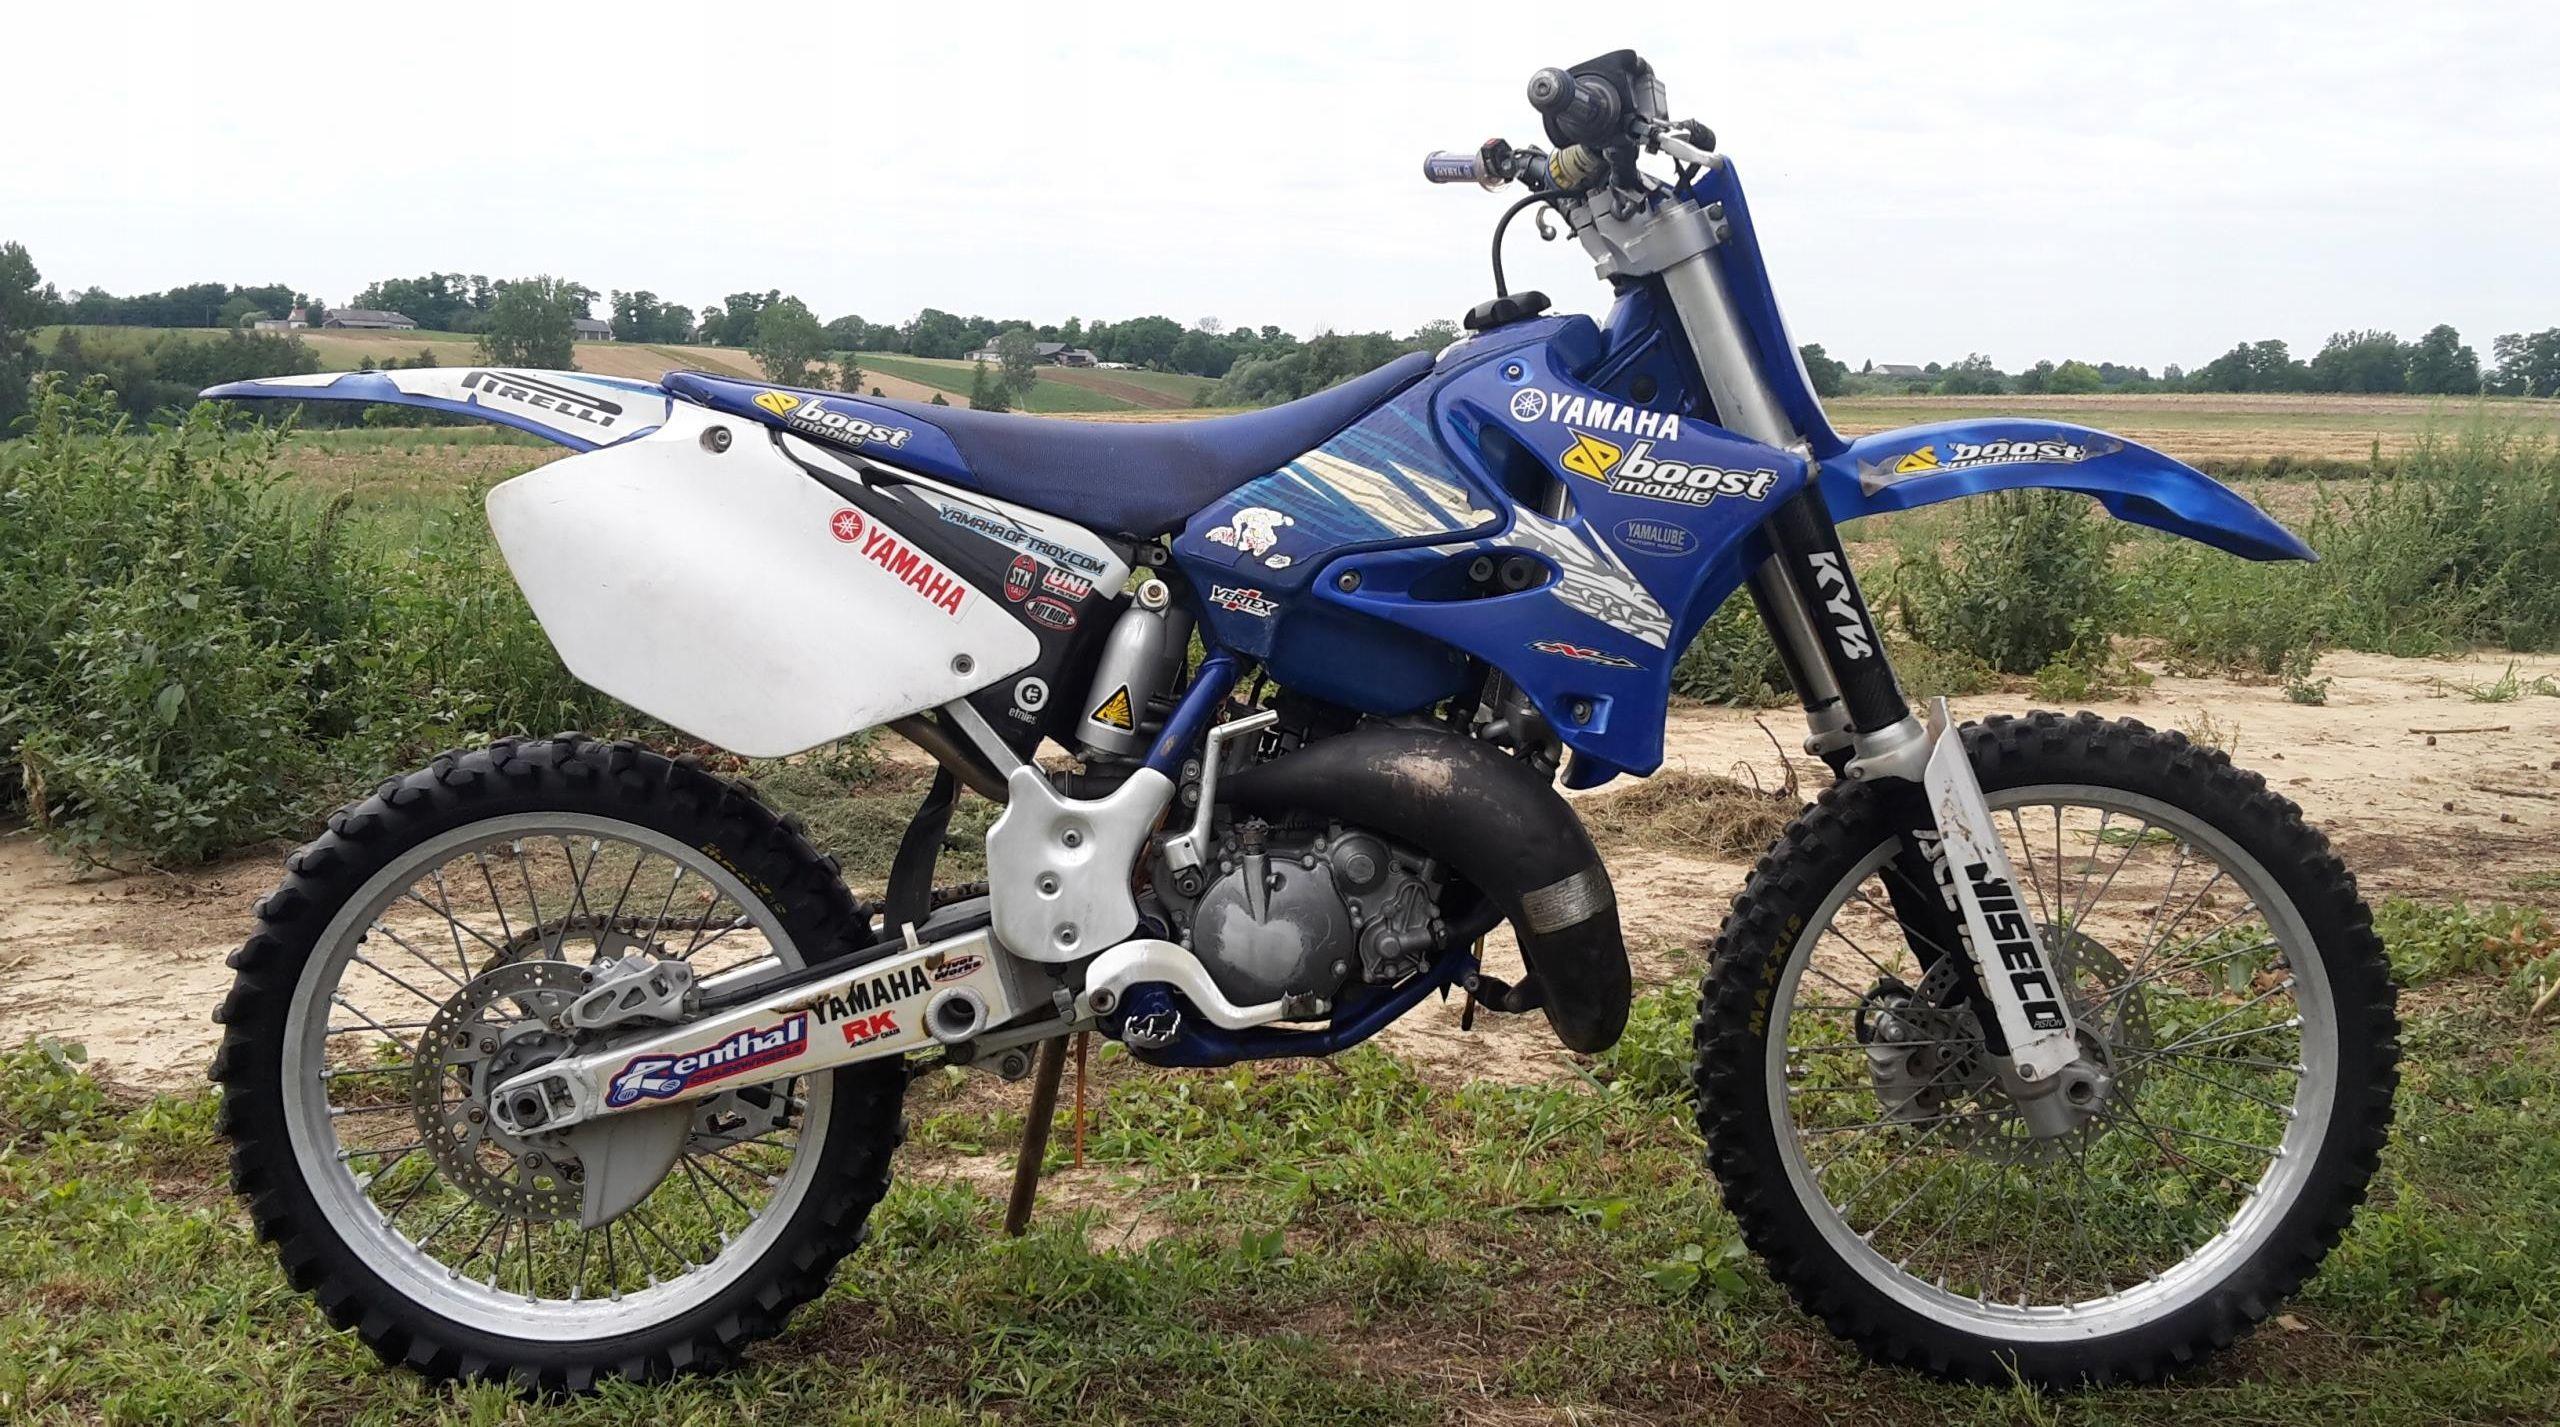 Yamaha Yz 125 42 Konie Opinie I Ceny Na Ceneo Pl